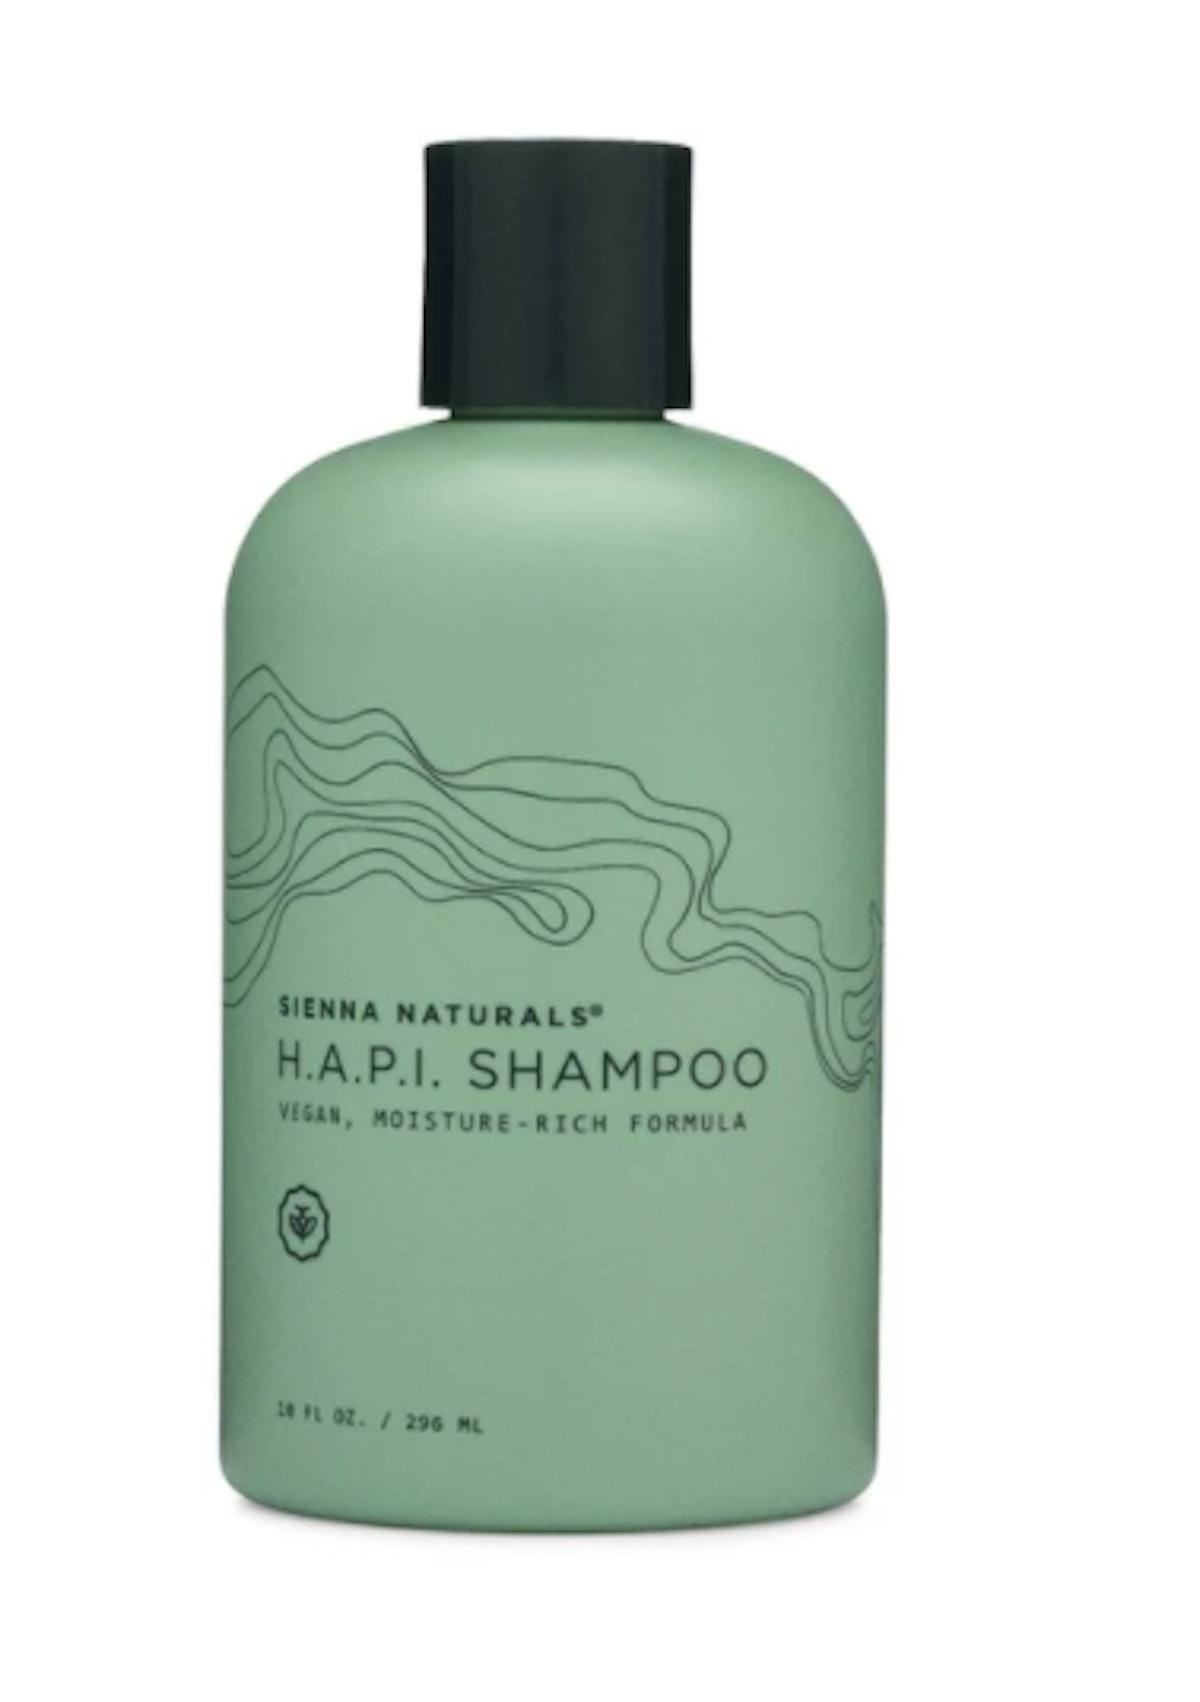 H.A.P.I Shampoo